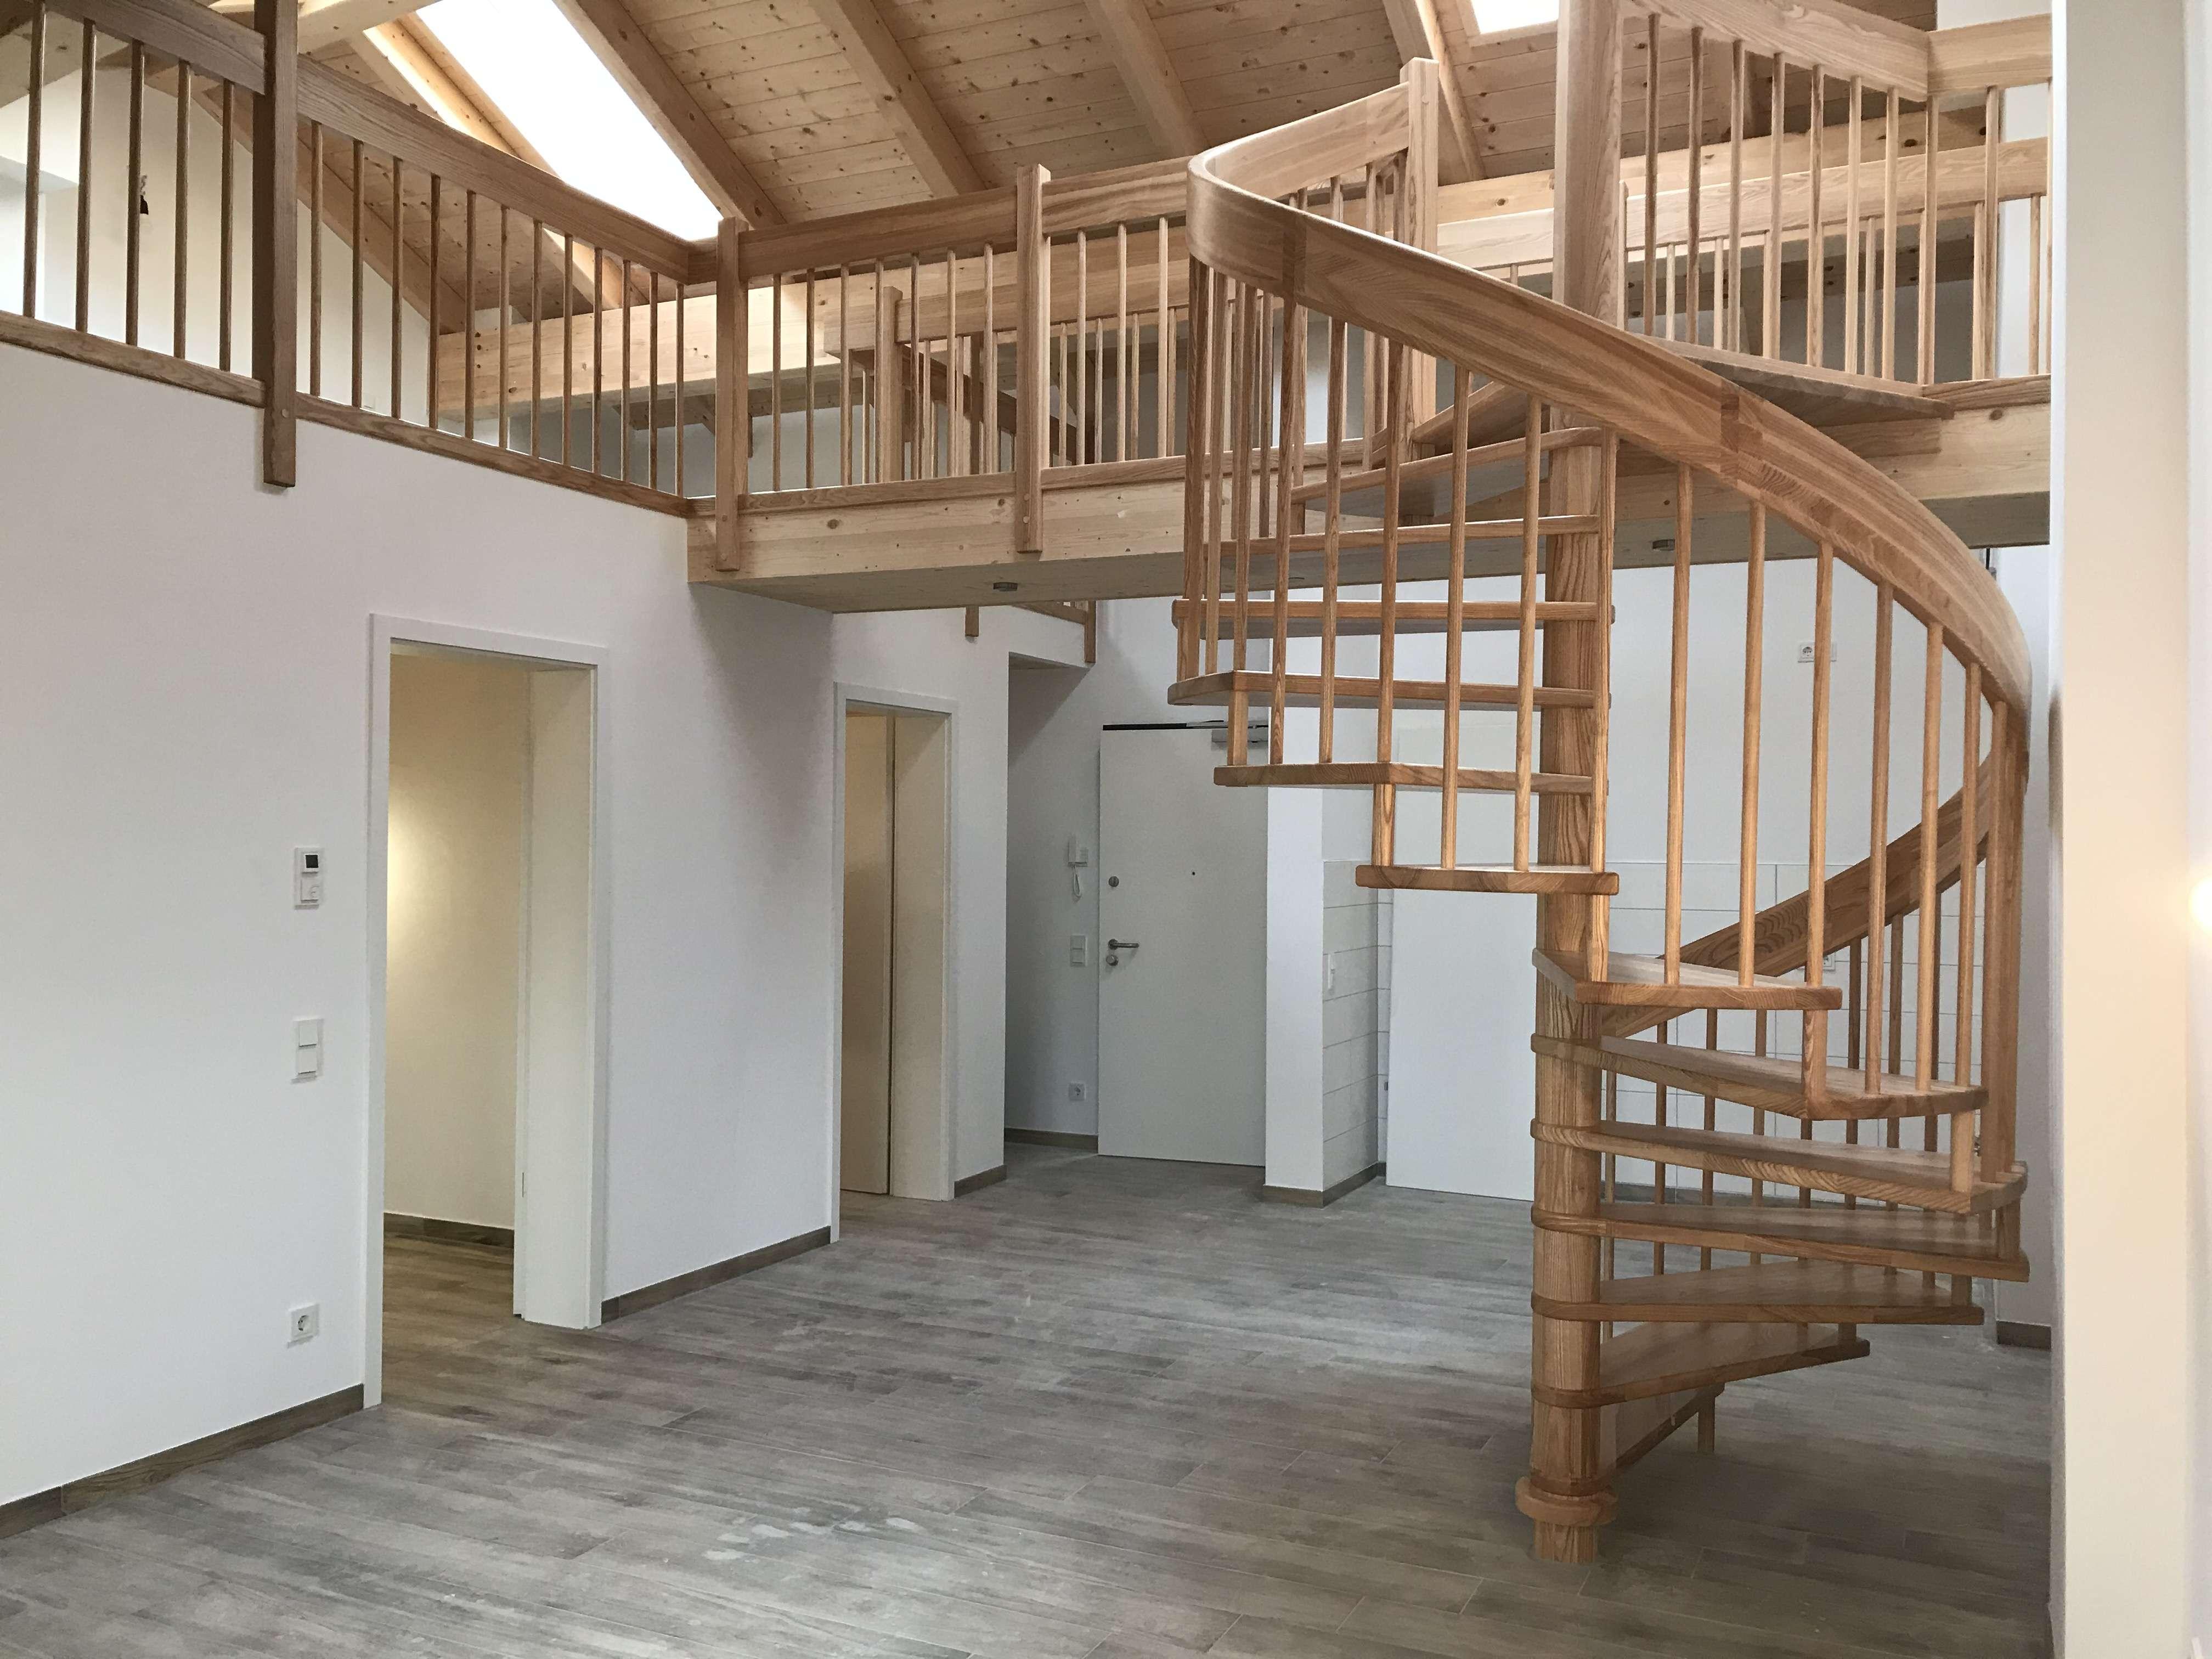 Nr. 21 Erstbezug 3 Zimmer Wohnung DG Sichtdachstuhl Neubau Galerie in Germering (Fürstenfeldbruck)